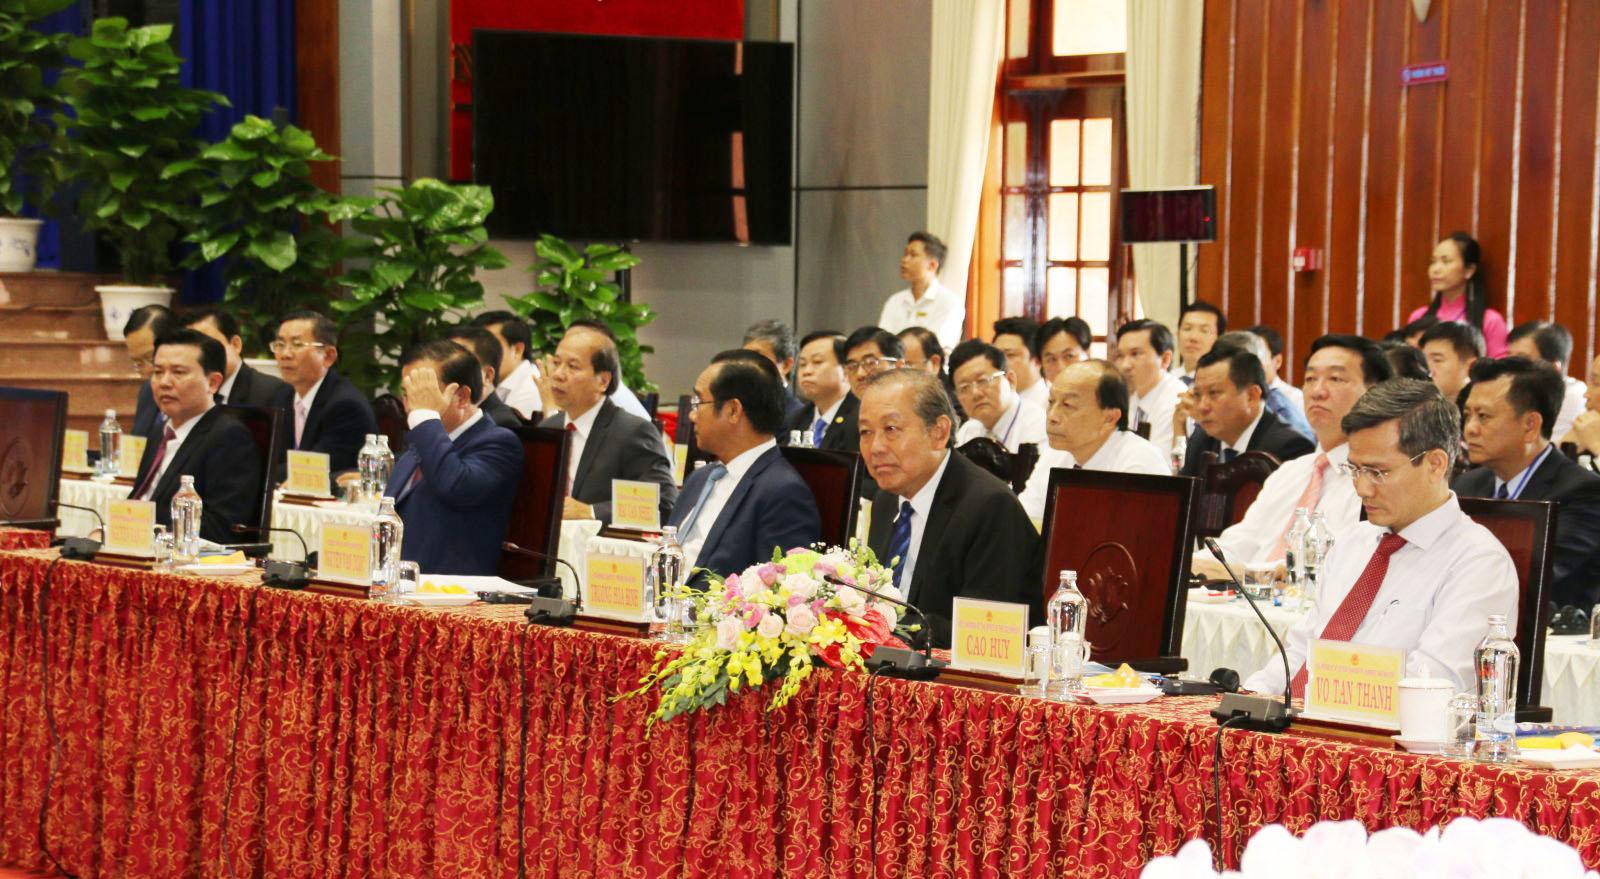 Phó Thủ tướng Thường trực Chính phủ - Trương Hòa Bình (hàng đầu, thứ 2, từ phải qua) dự tọa đàm